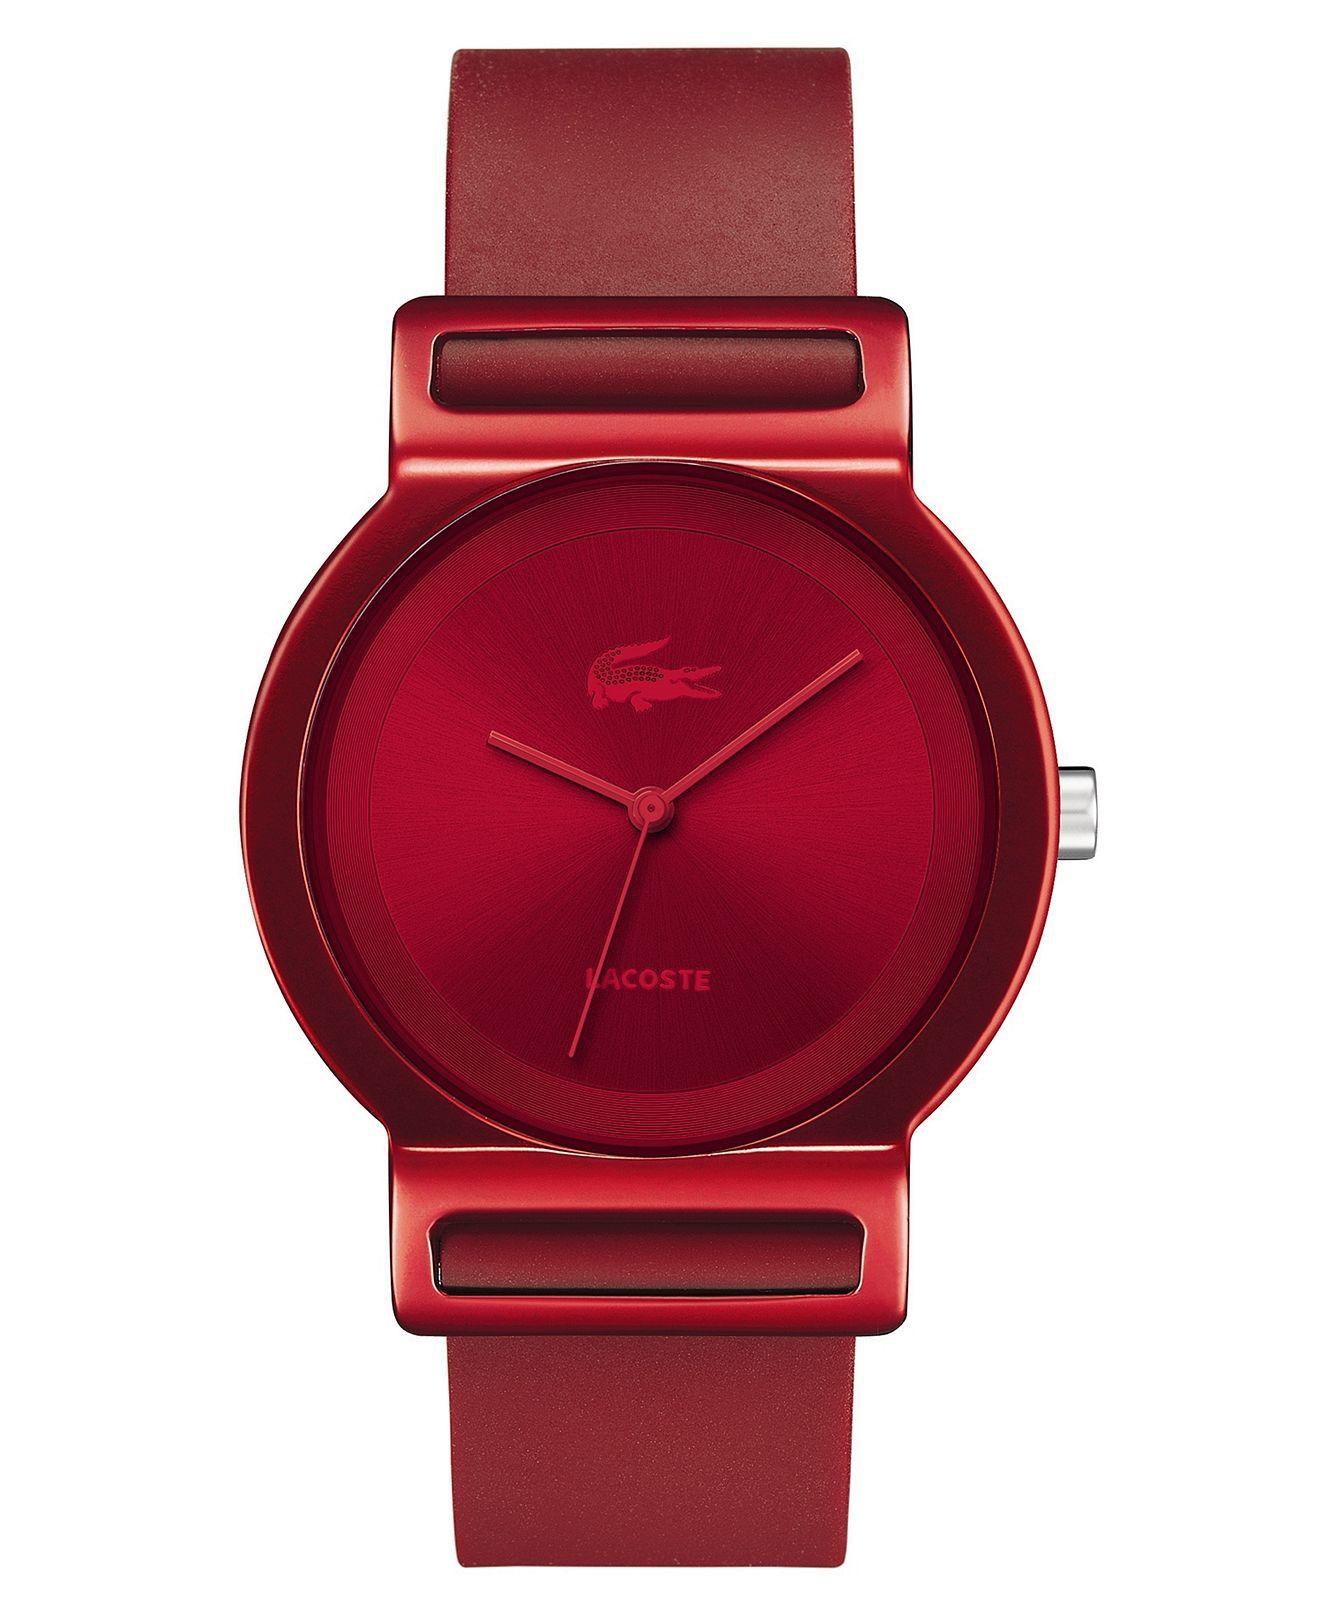 2a489c7d0ee Lacoste Watch